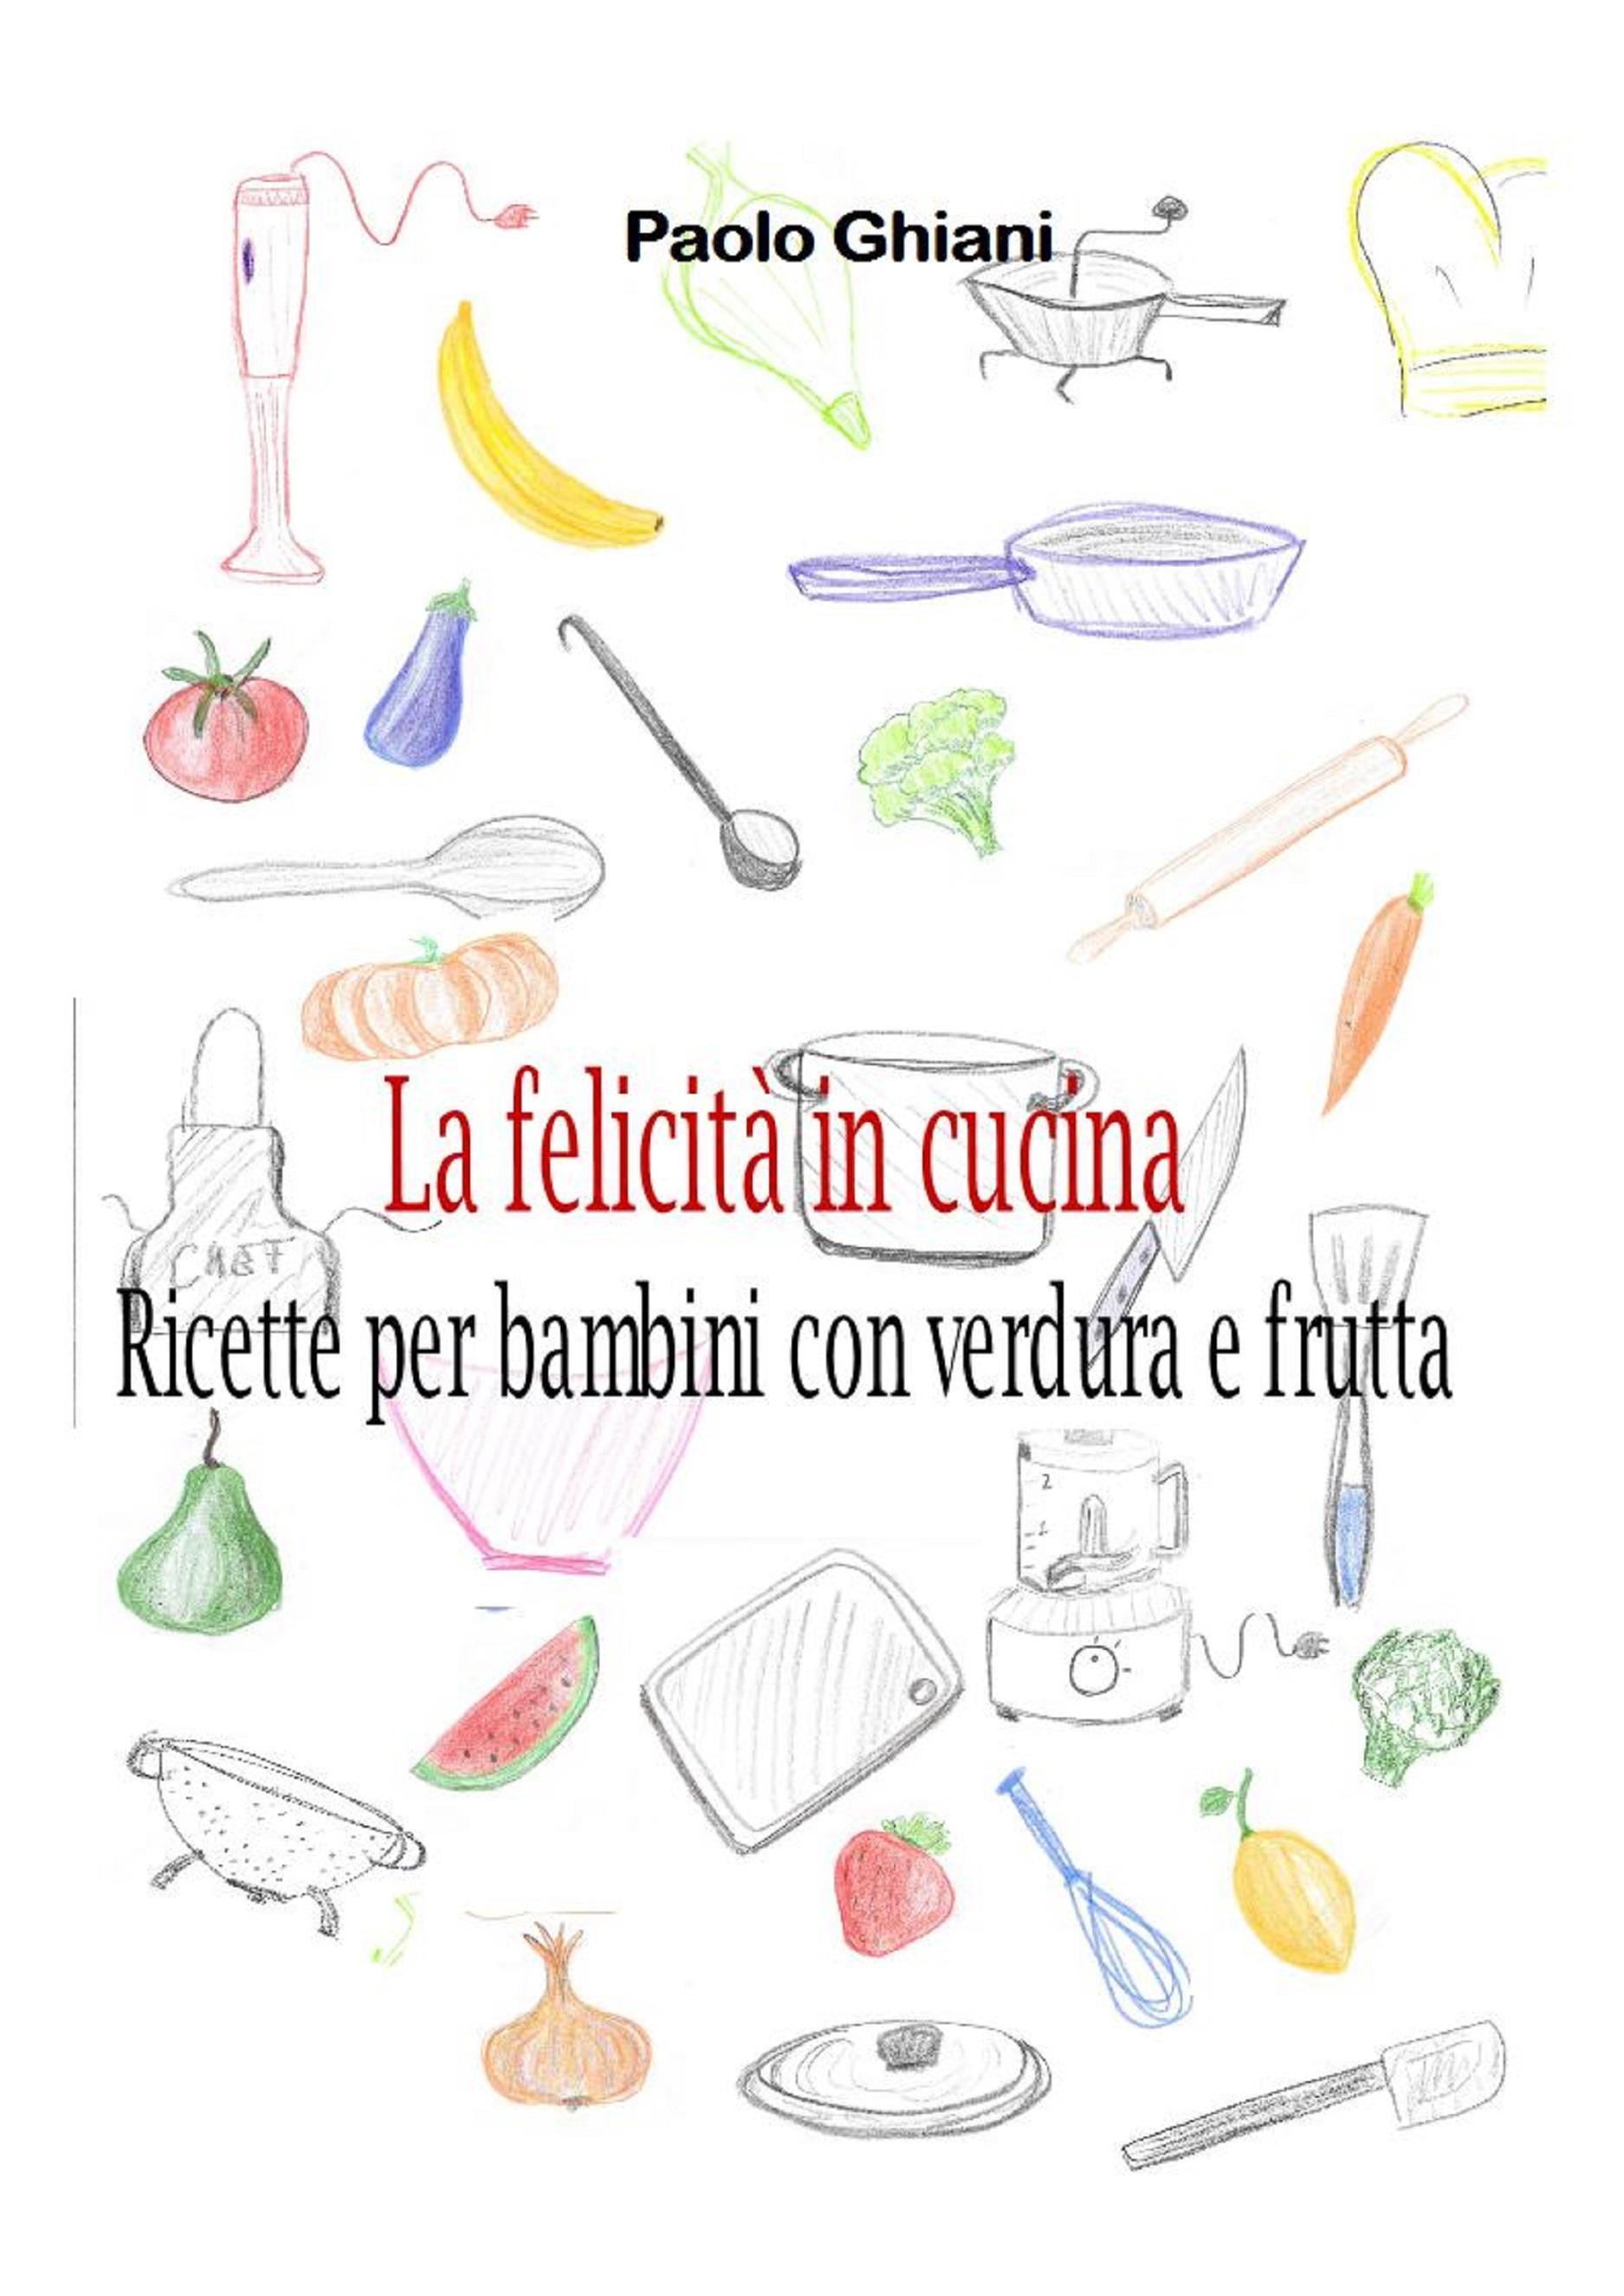 La felicità in cucina - Ricette per bambini con verdura e frutta